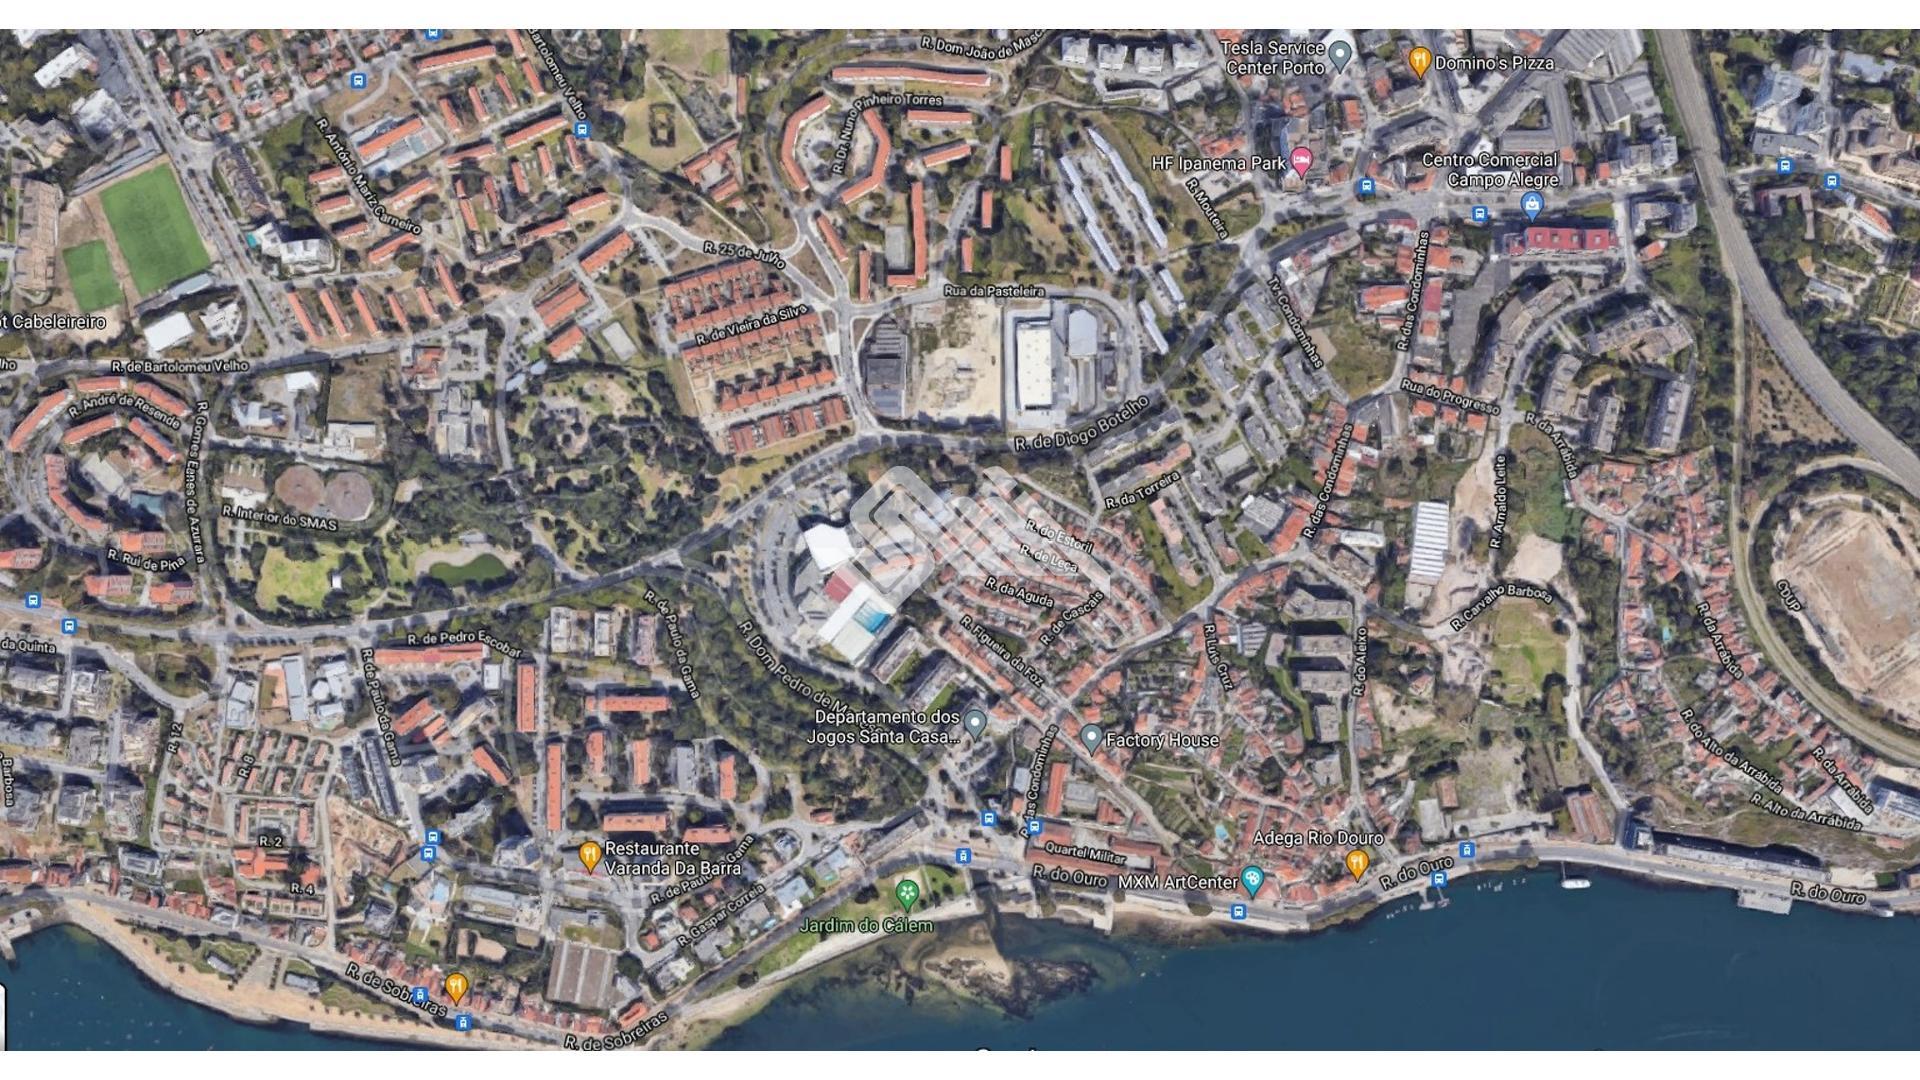 Moradia p/ Restaurar Fluvial  - Porto, UDF De Lordelo Do Ouro E Massarelos